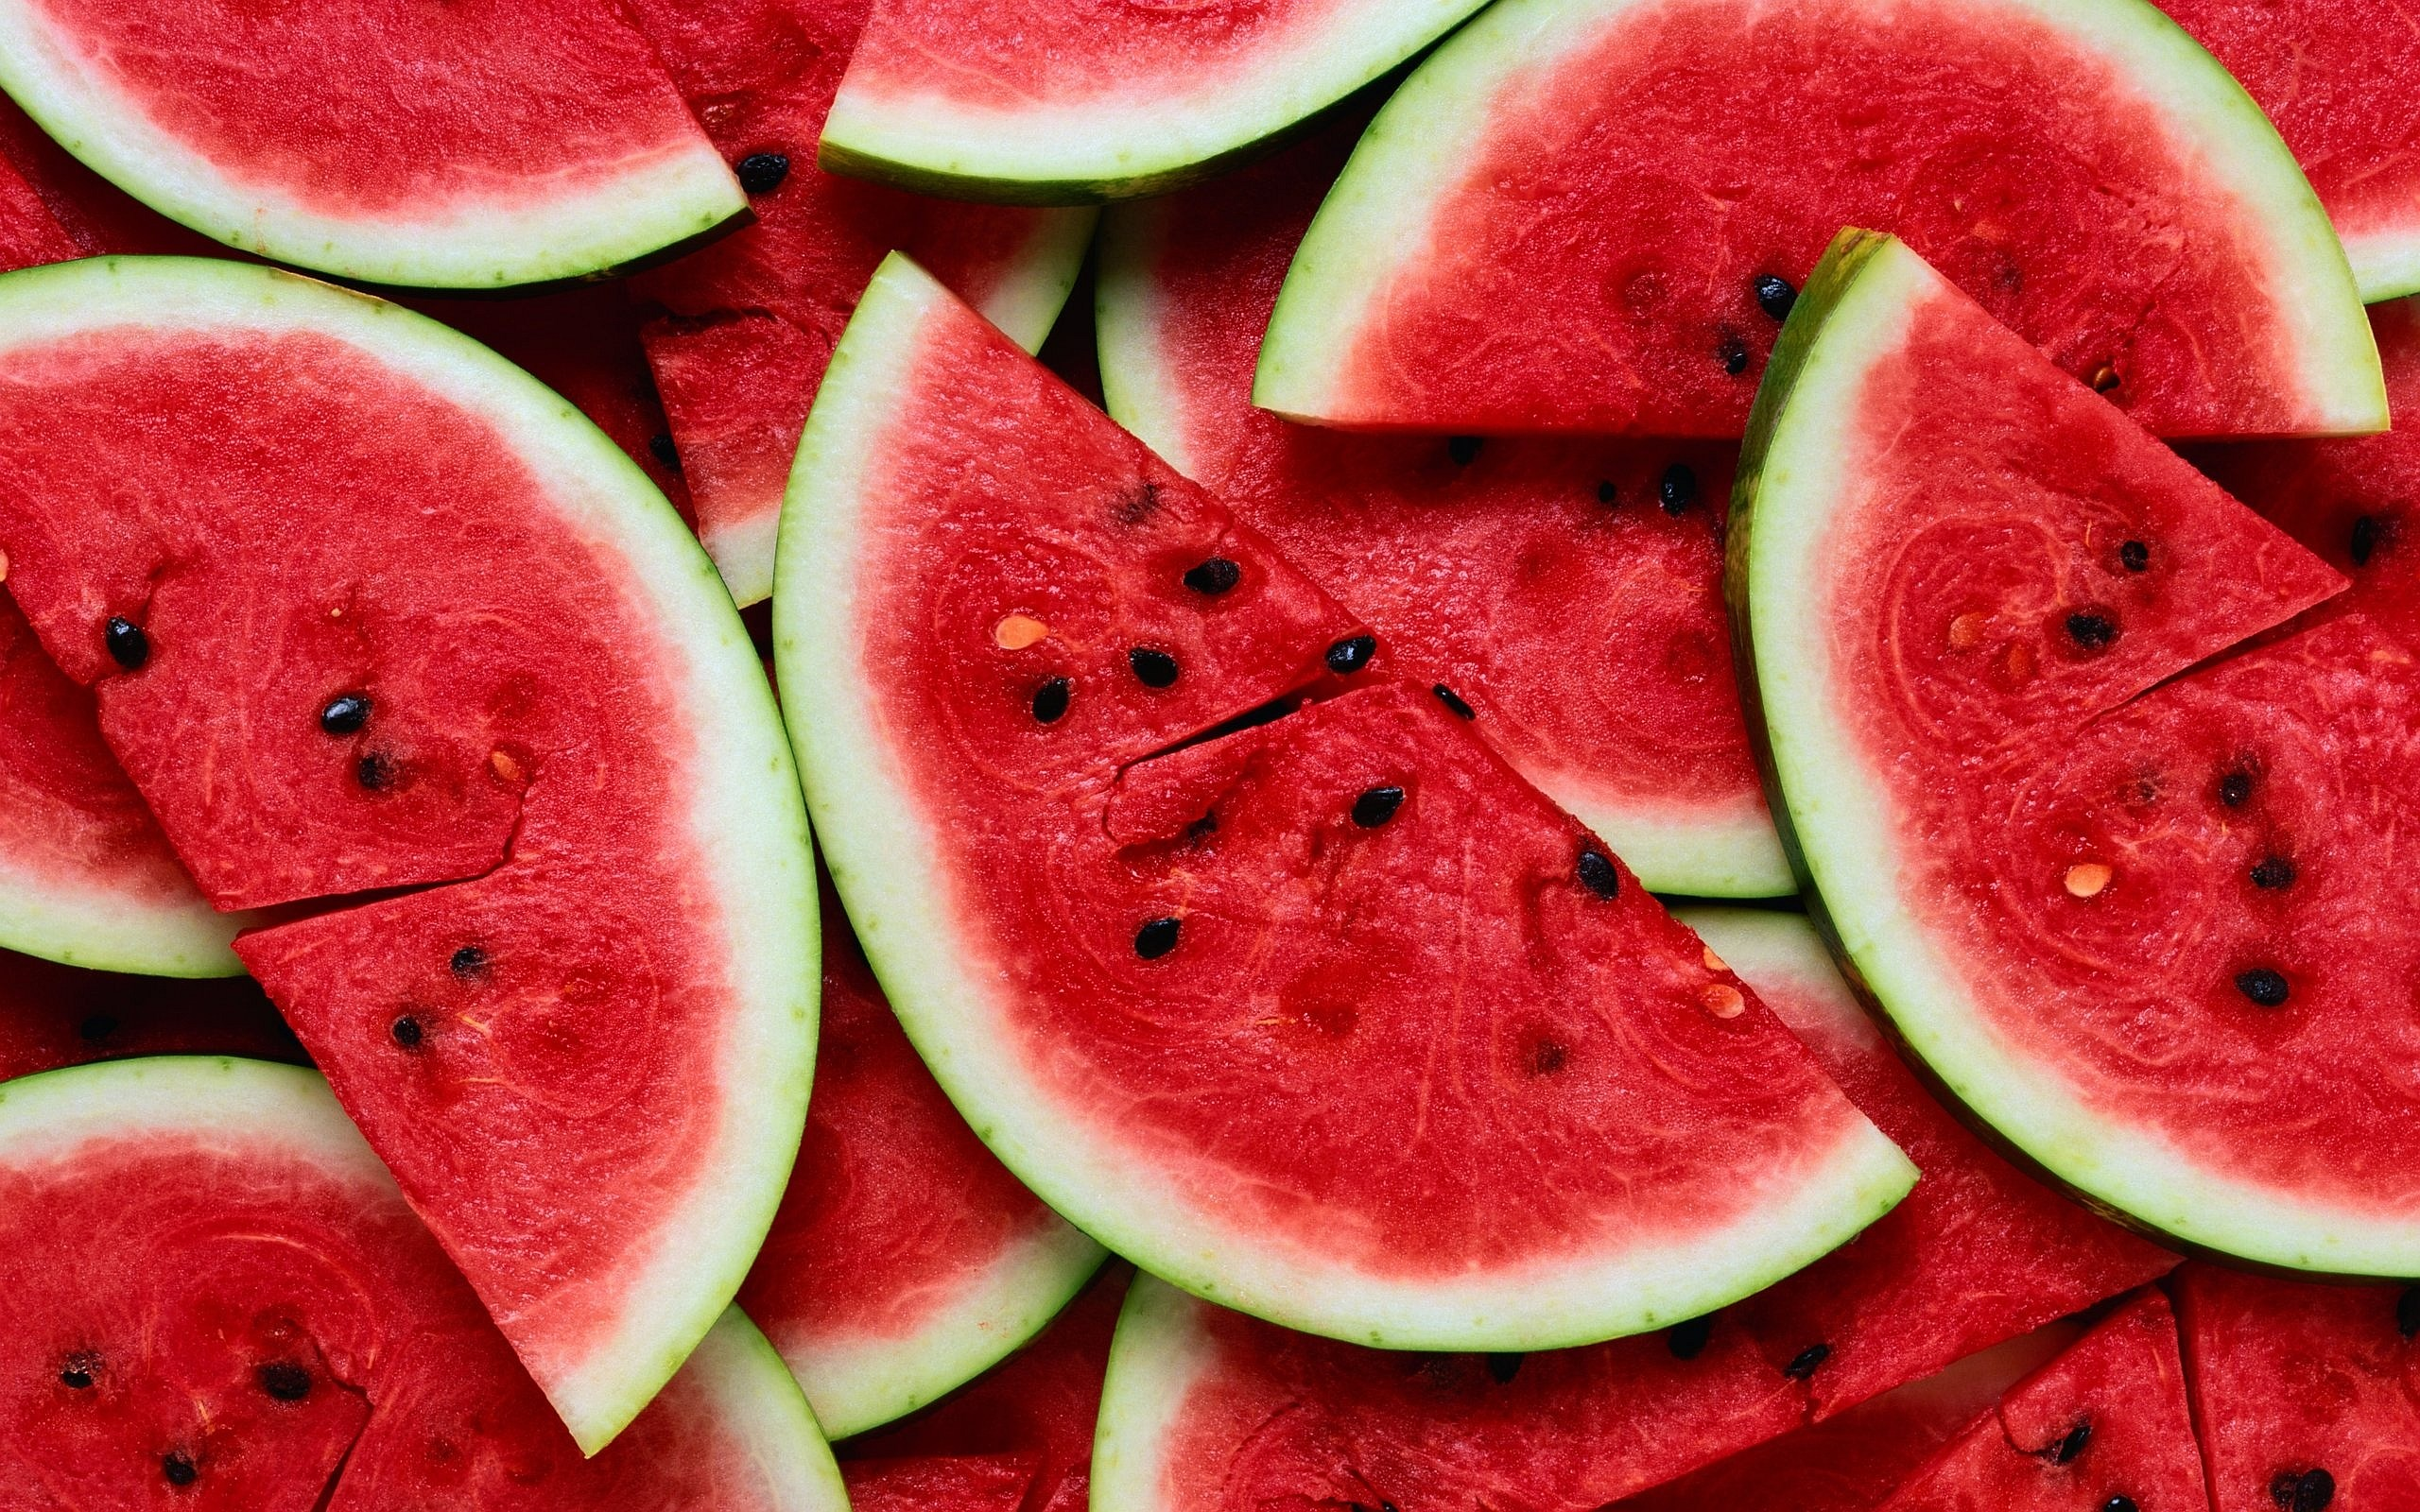 Waterrmelon Slices Background